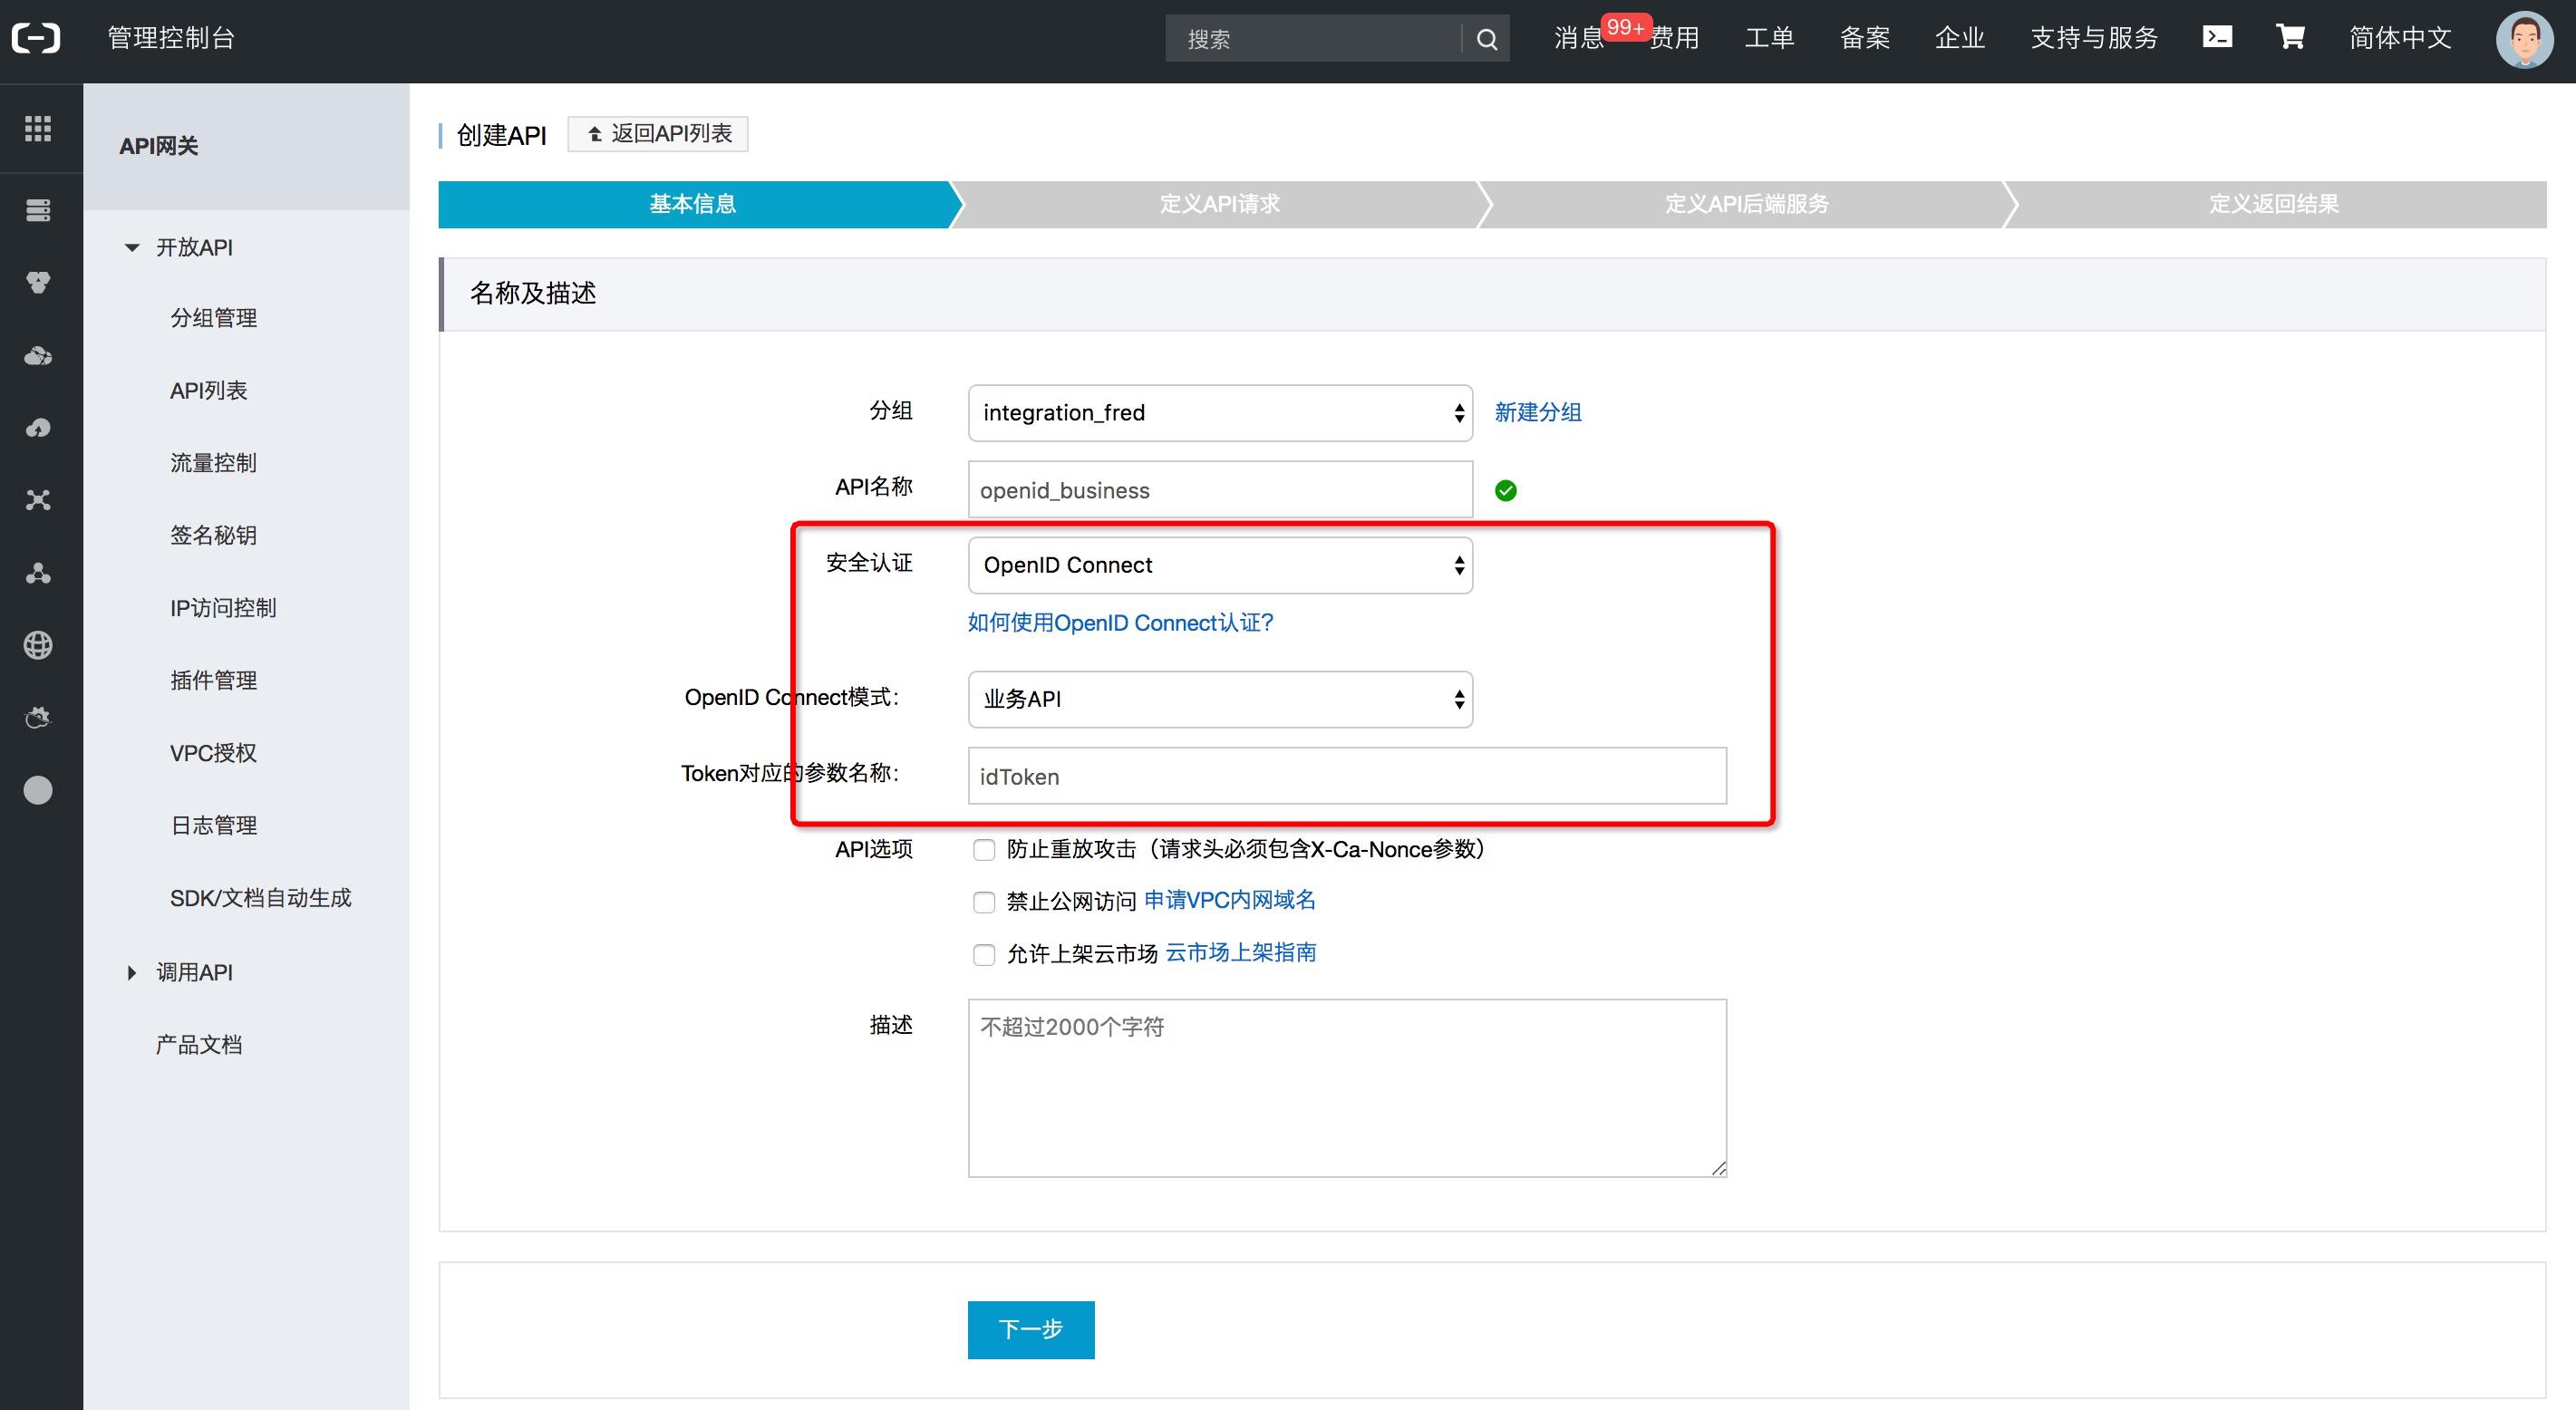 业务API设置